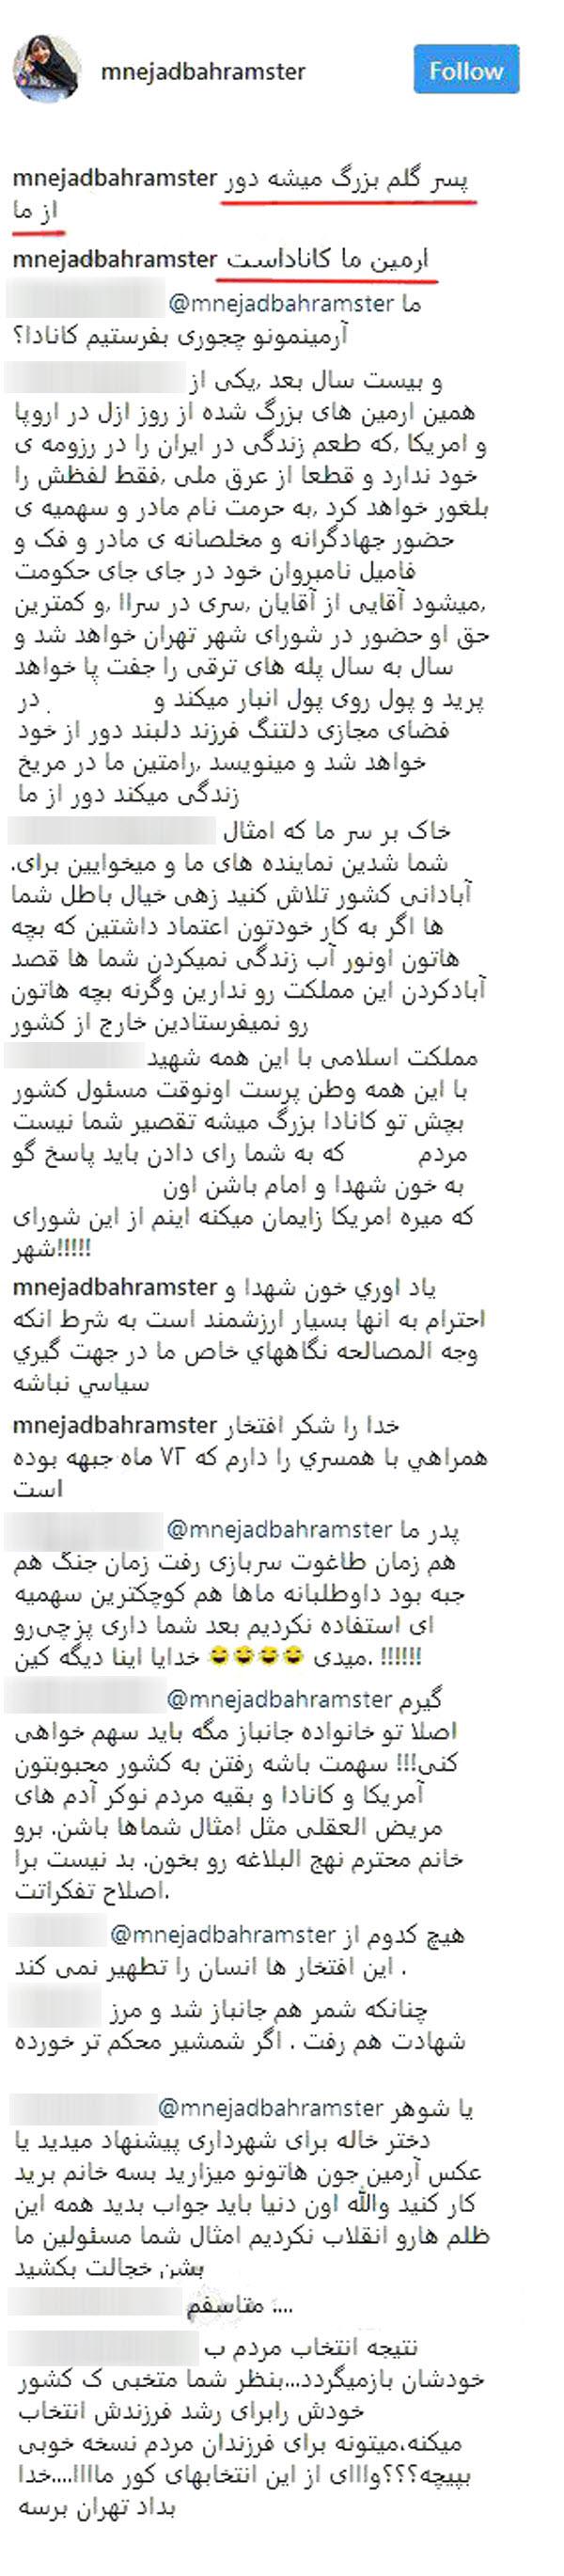 فخر فروشی عضو زن شورای شهر تهران صدای کاربران درآورد +عکس